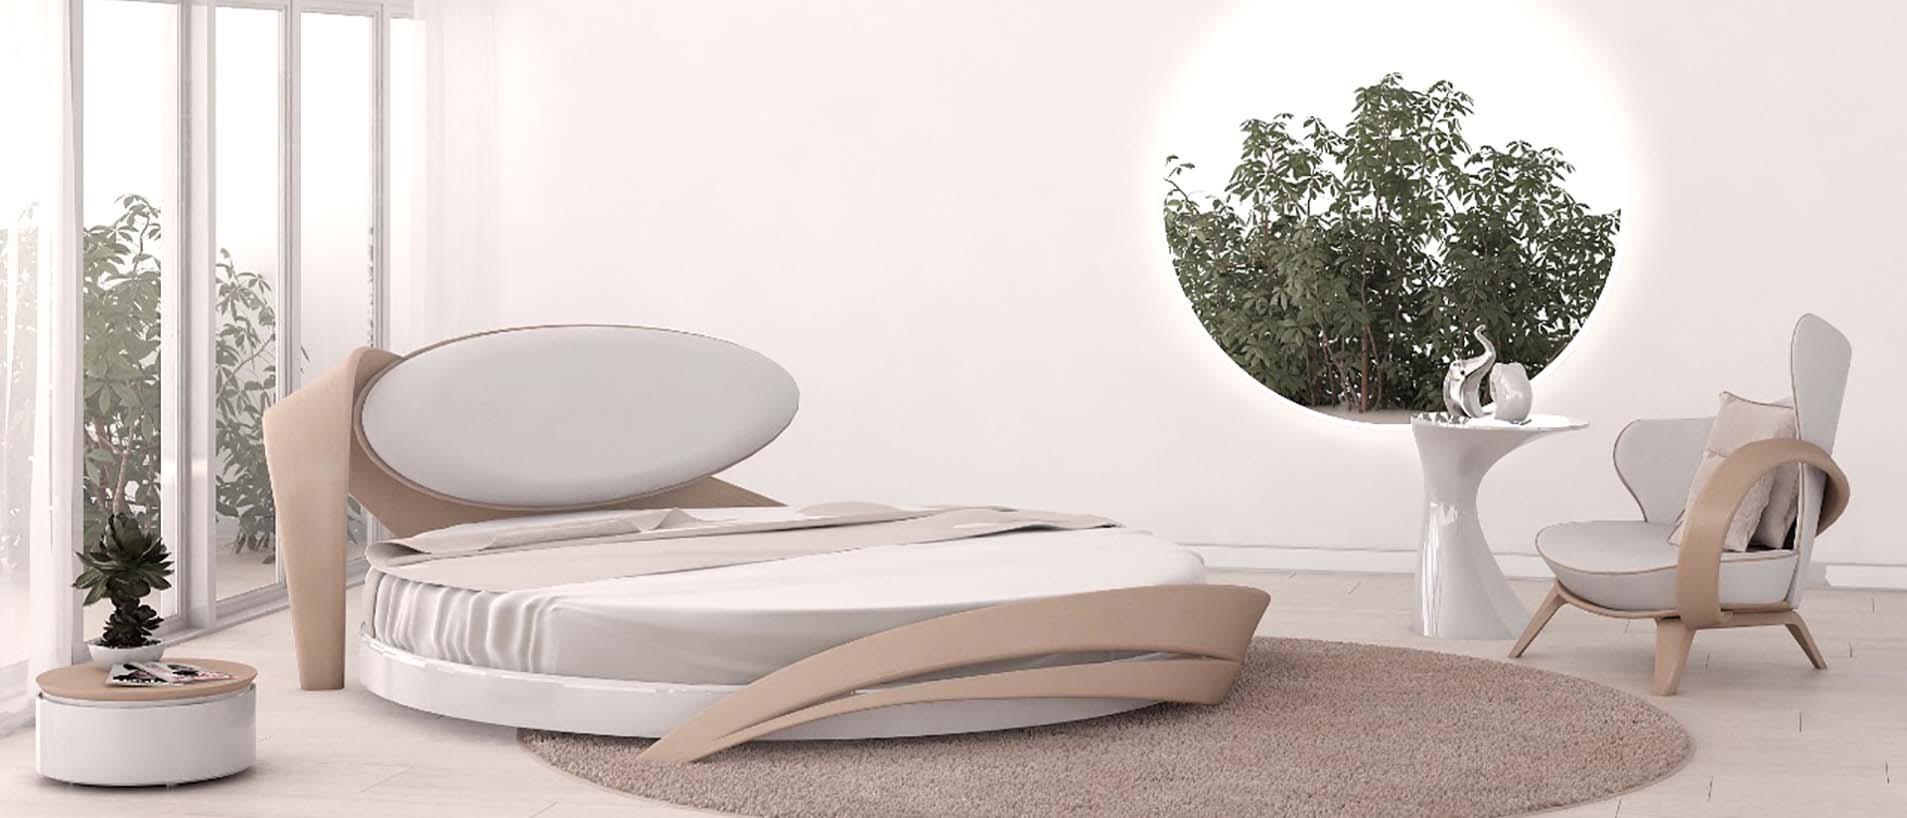 Интерьер спальни в постельных тонах